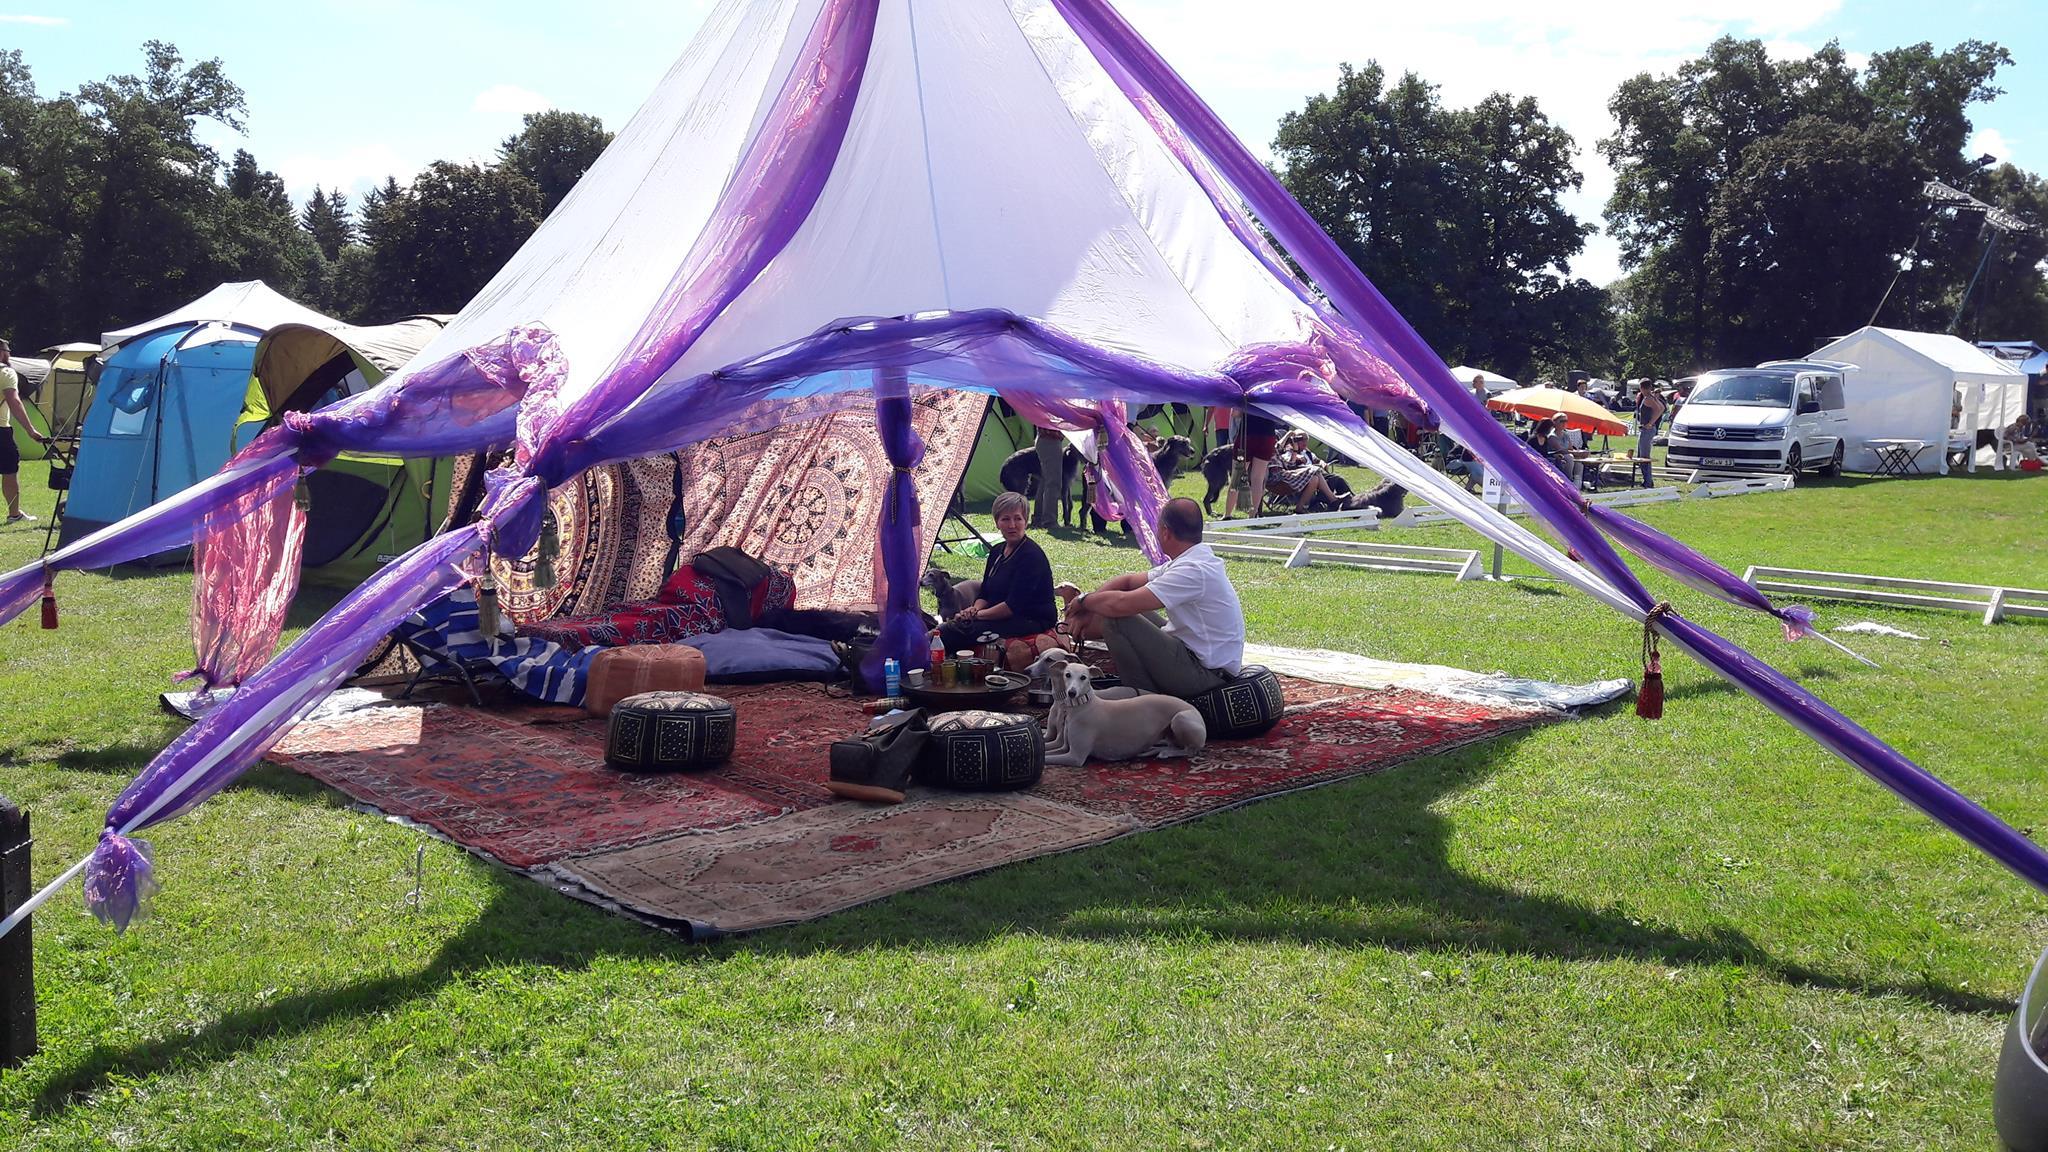 Standzelt Windhund Festival Donaueschingen